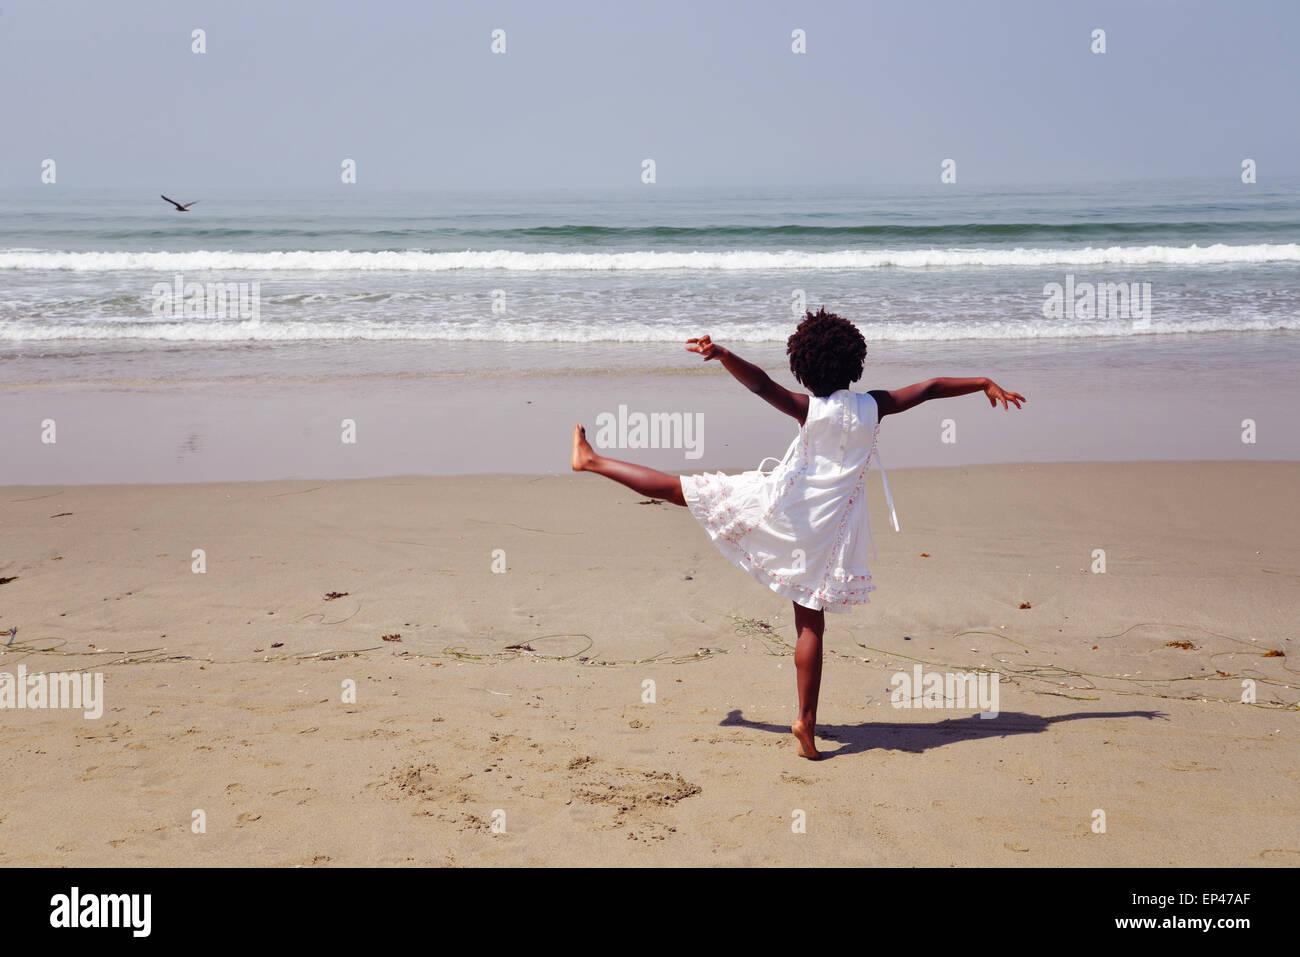 Vista trasera de un joven afroamericano de pie sobre una pierna en la playa Imagen De Stock